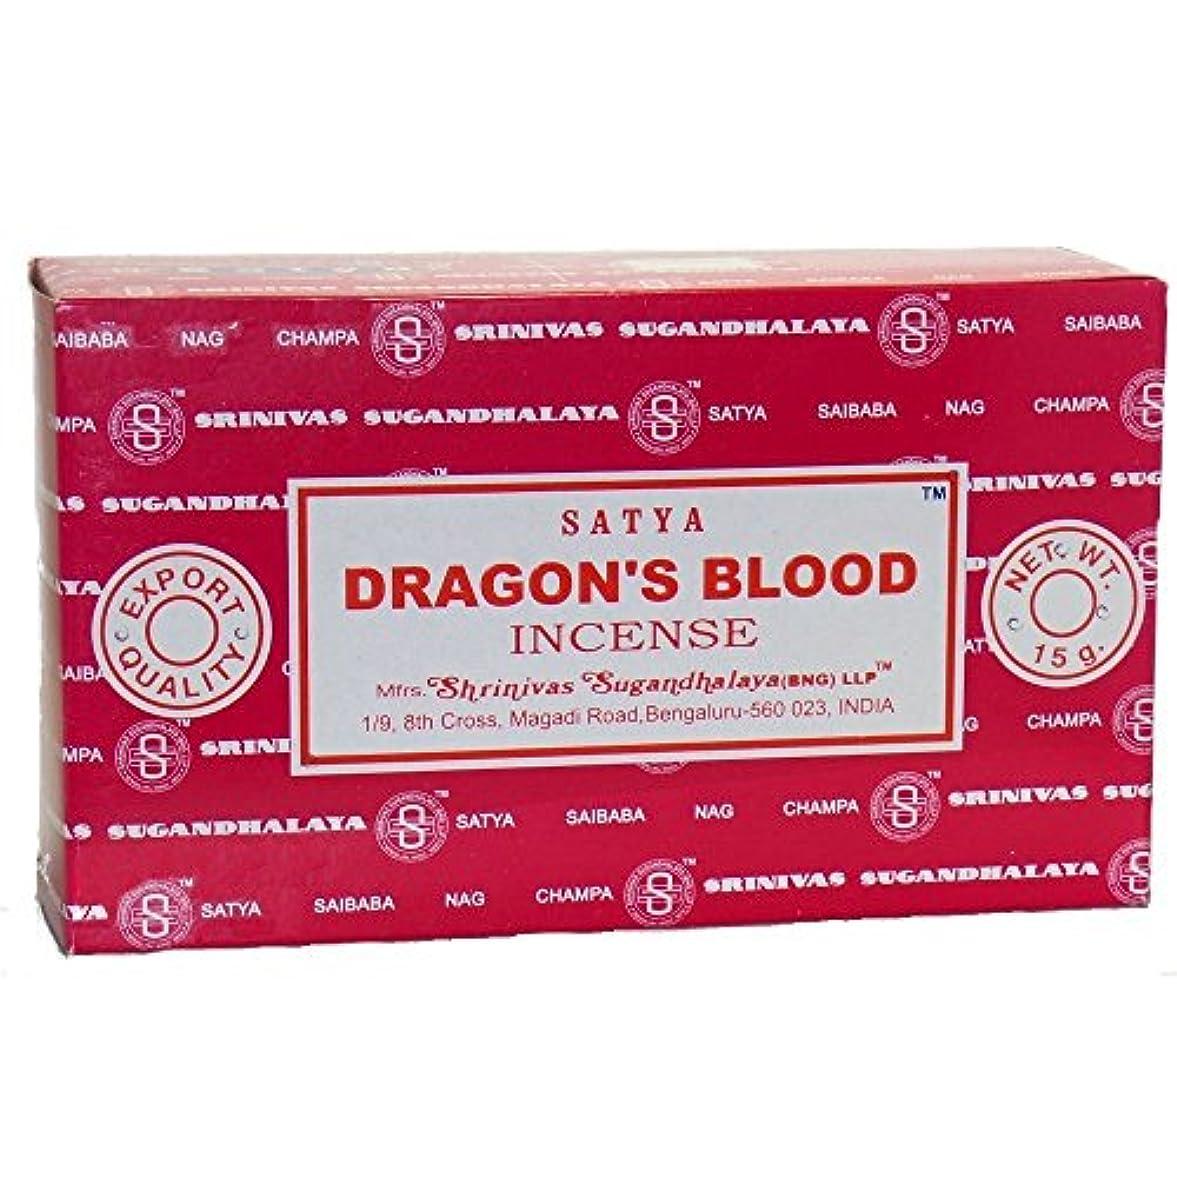 不名誉なグリーンバック差し引くBuycrafty Satya Champa Dragon's Blood Incense Stick,180 Grams Box (15g x 12 Boxes)